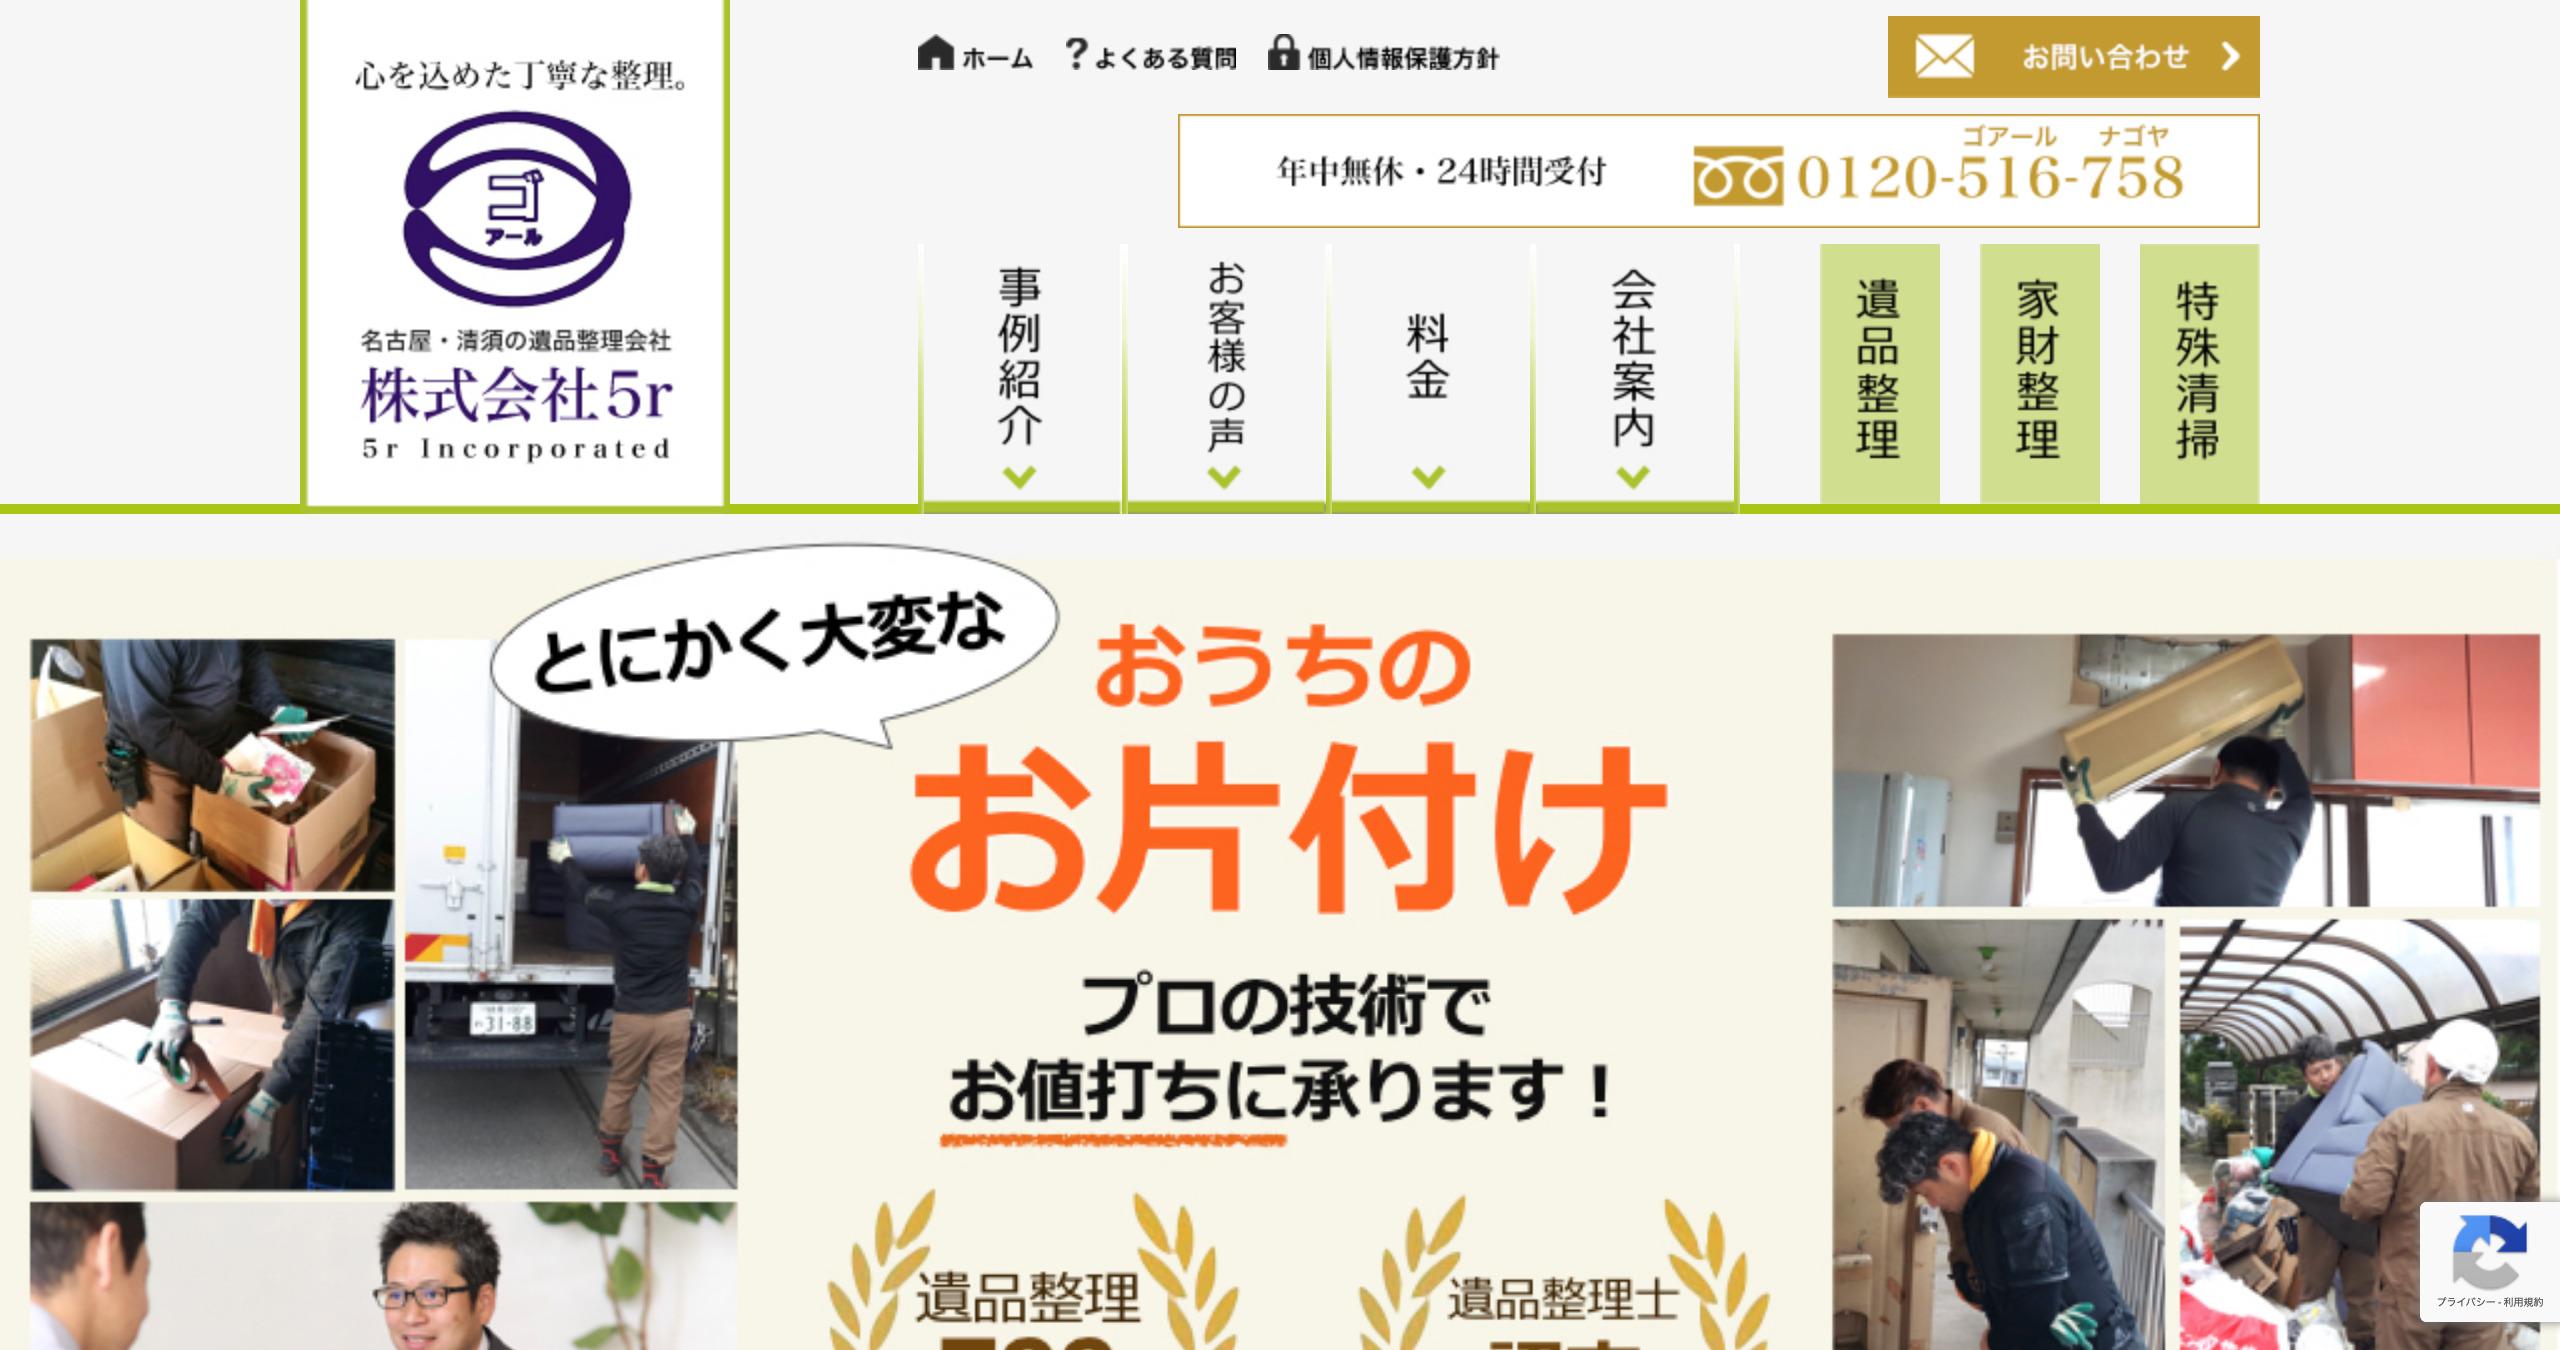 遺品整理会社5r(ゴアール)